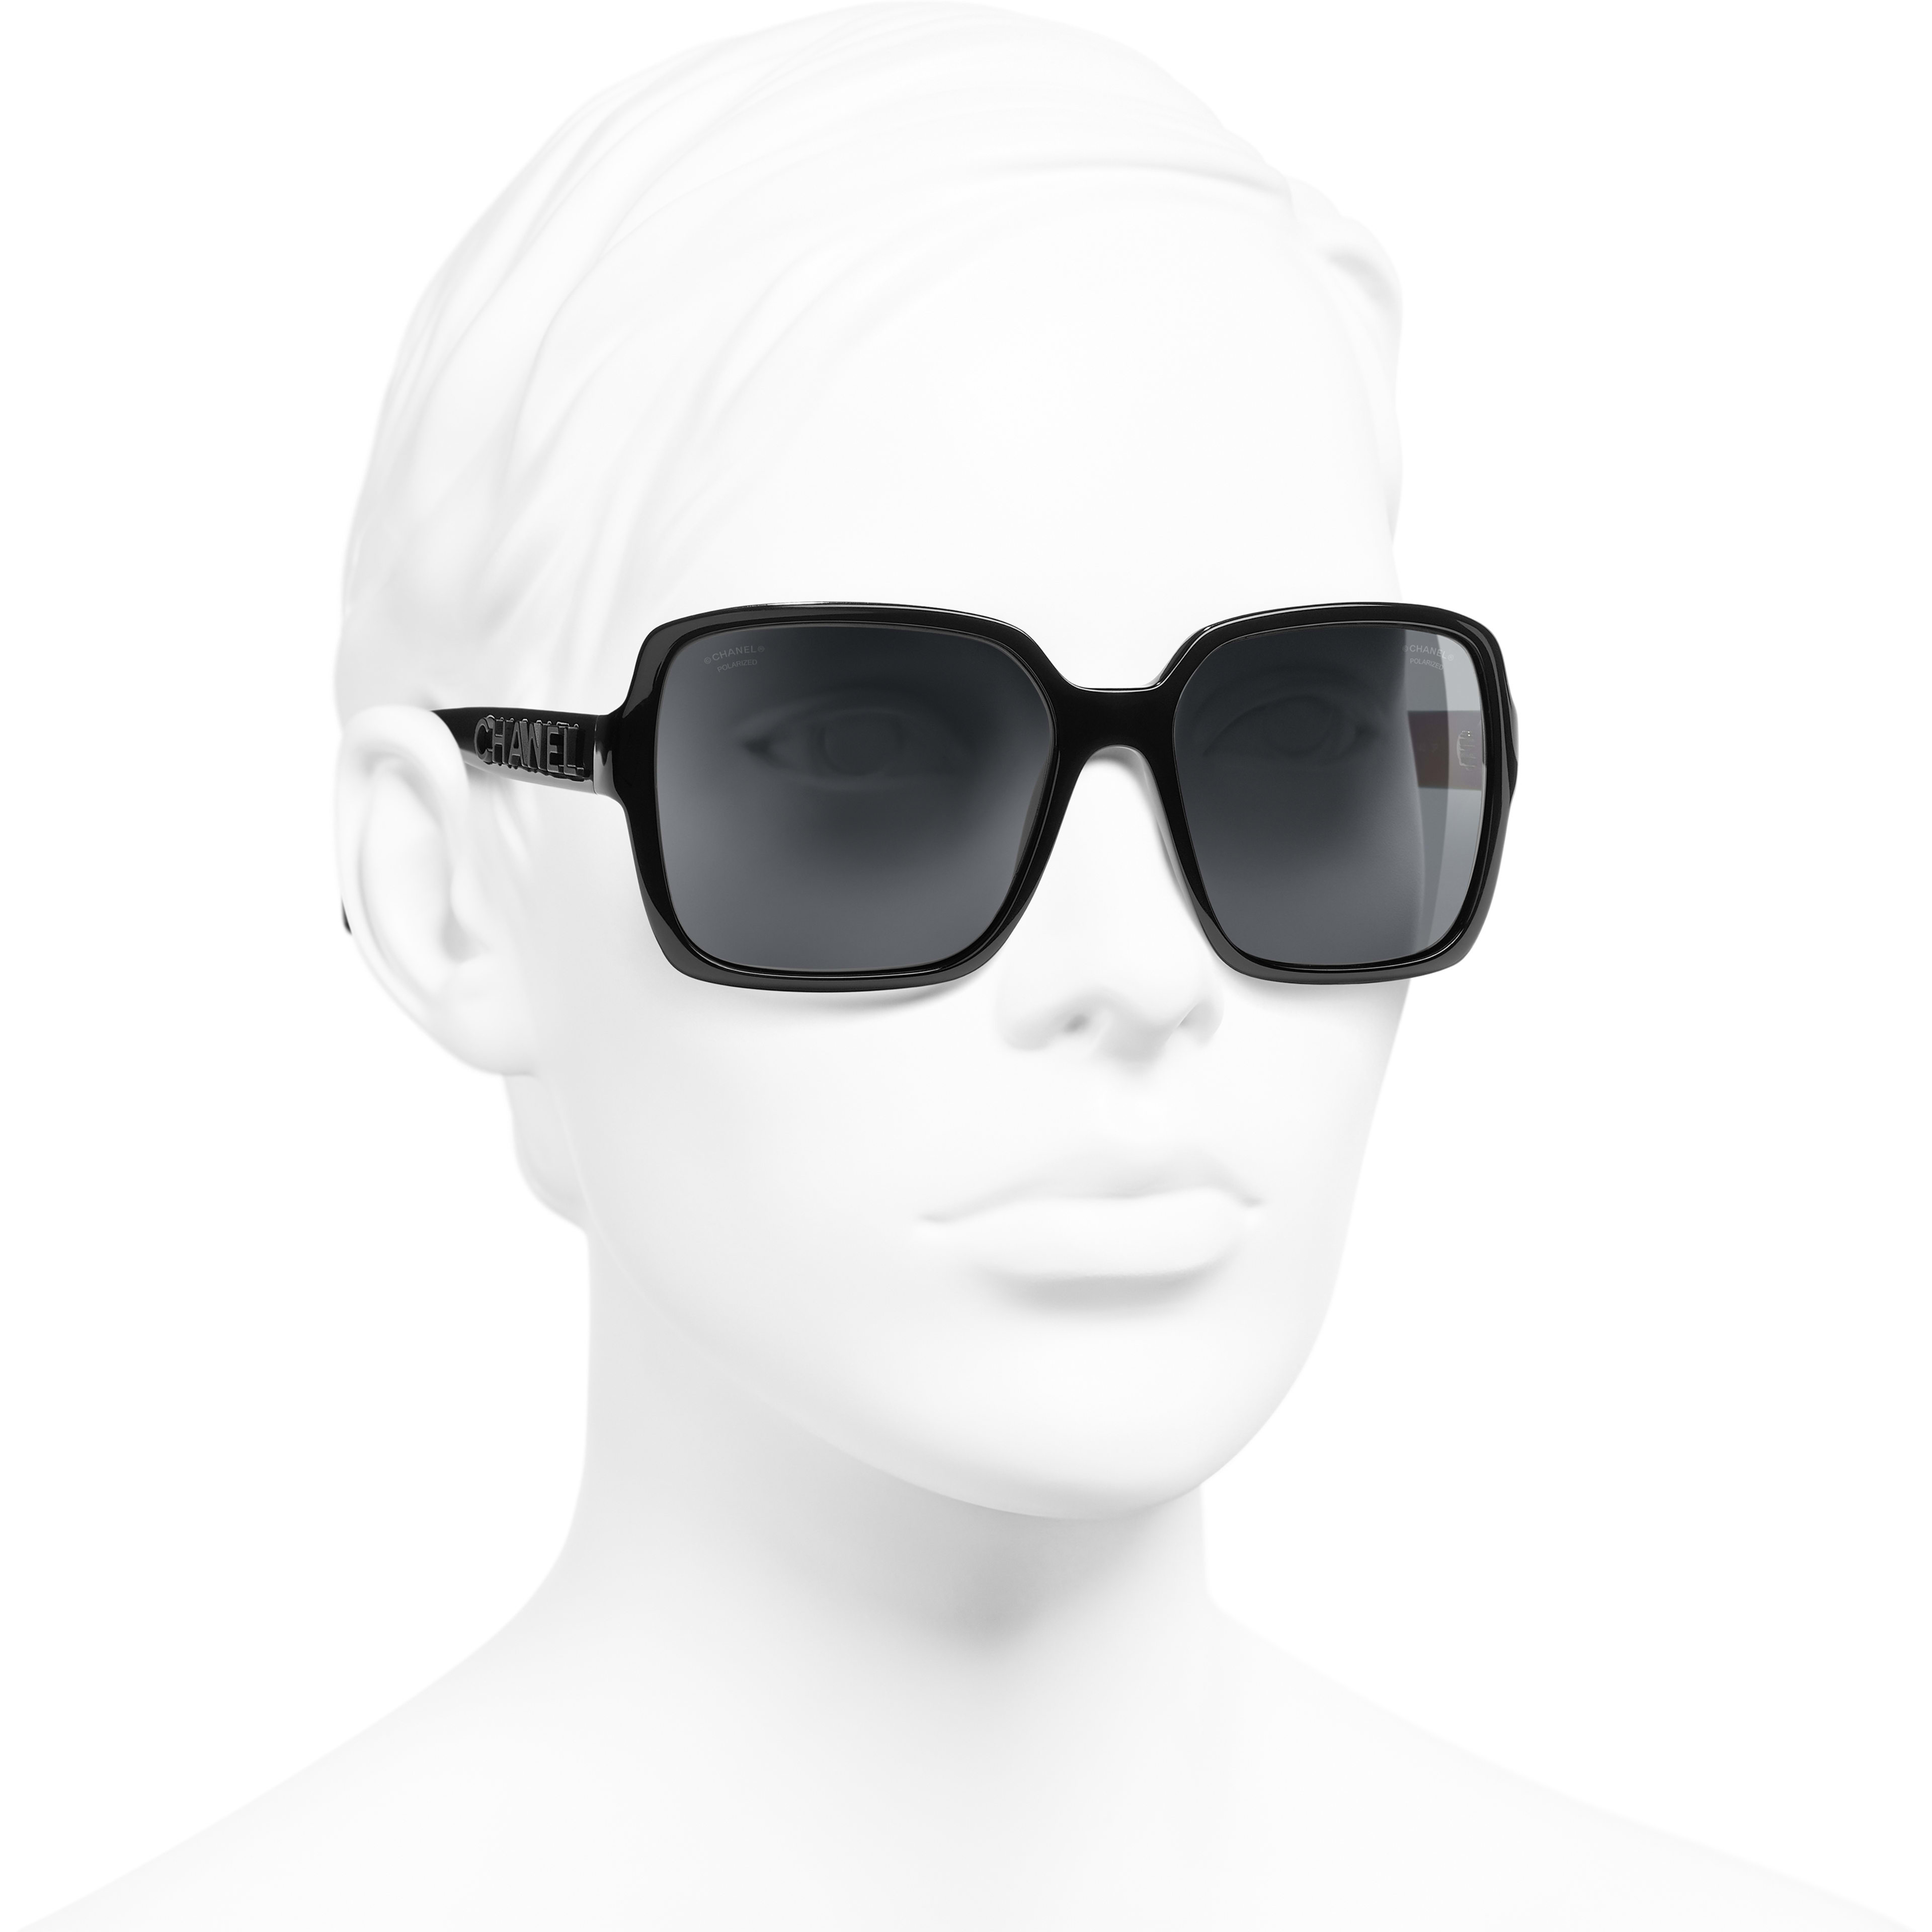 Gafas de sol cuadradas - Negro - Acetato - CHANEL - Vista 3/4 puesto - ver la versión tamaño estándar